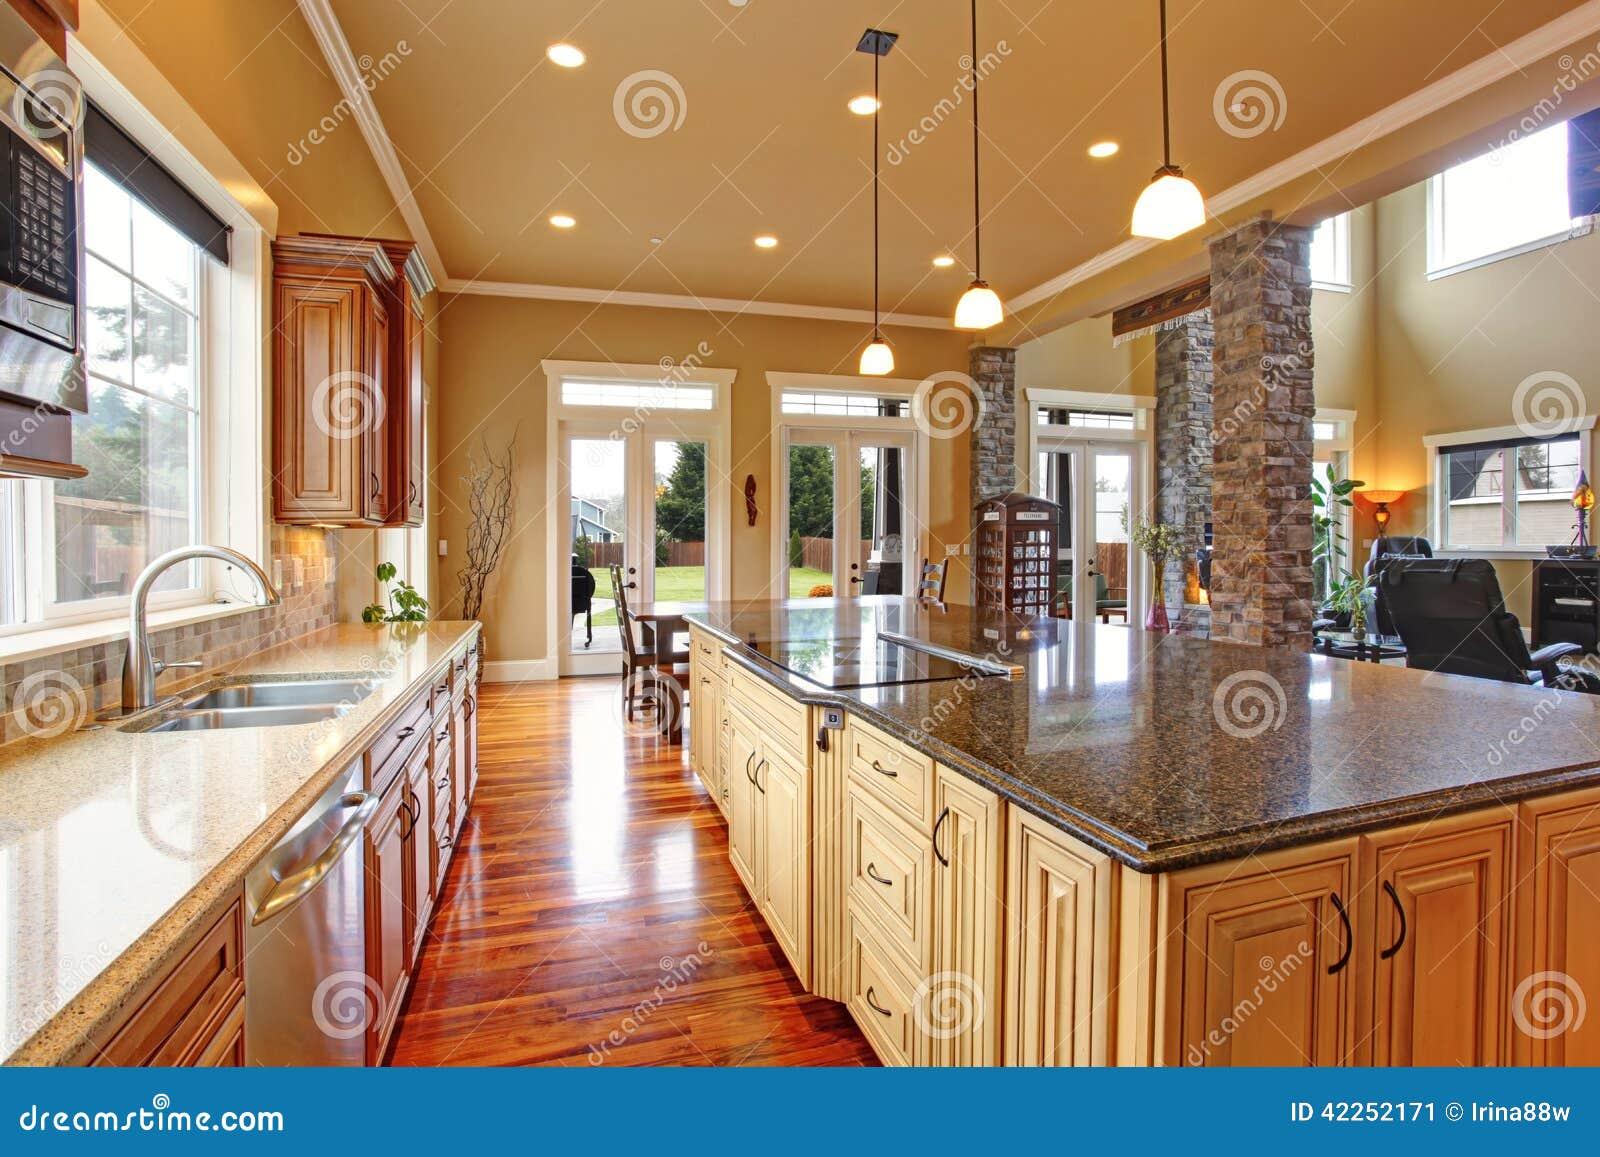 Kücheninnenraum Im Luxushaus Stockbild - Bild von innen, zustand ...